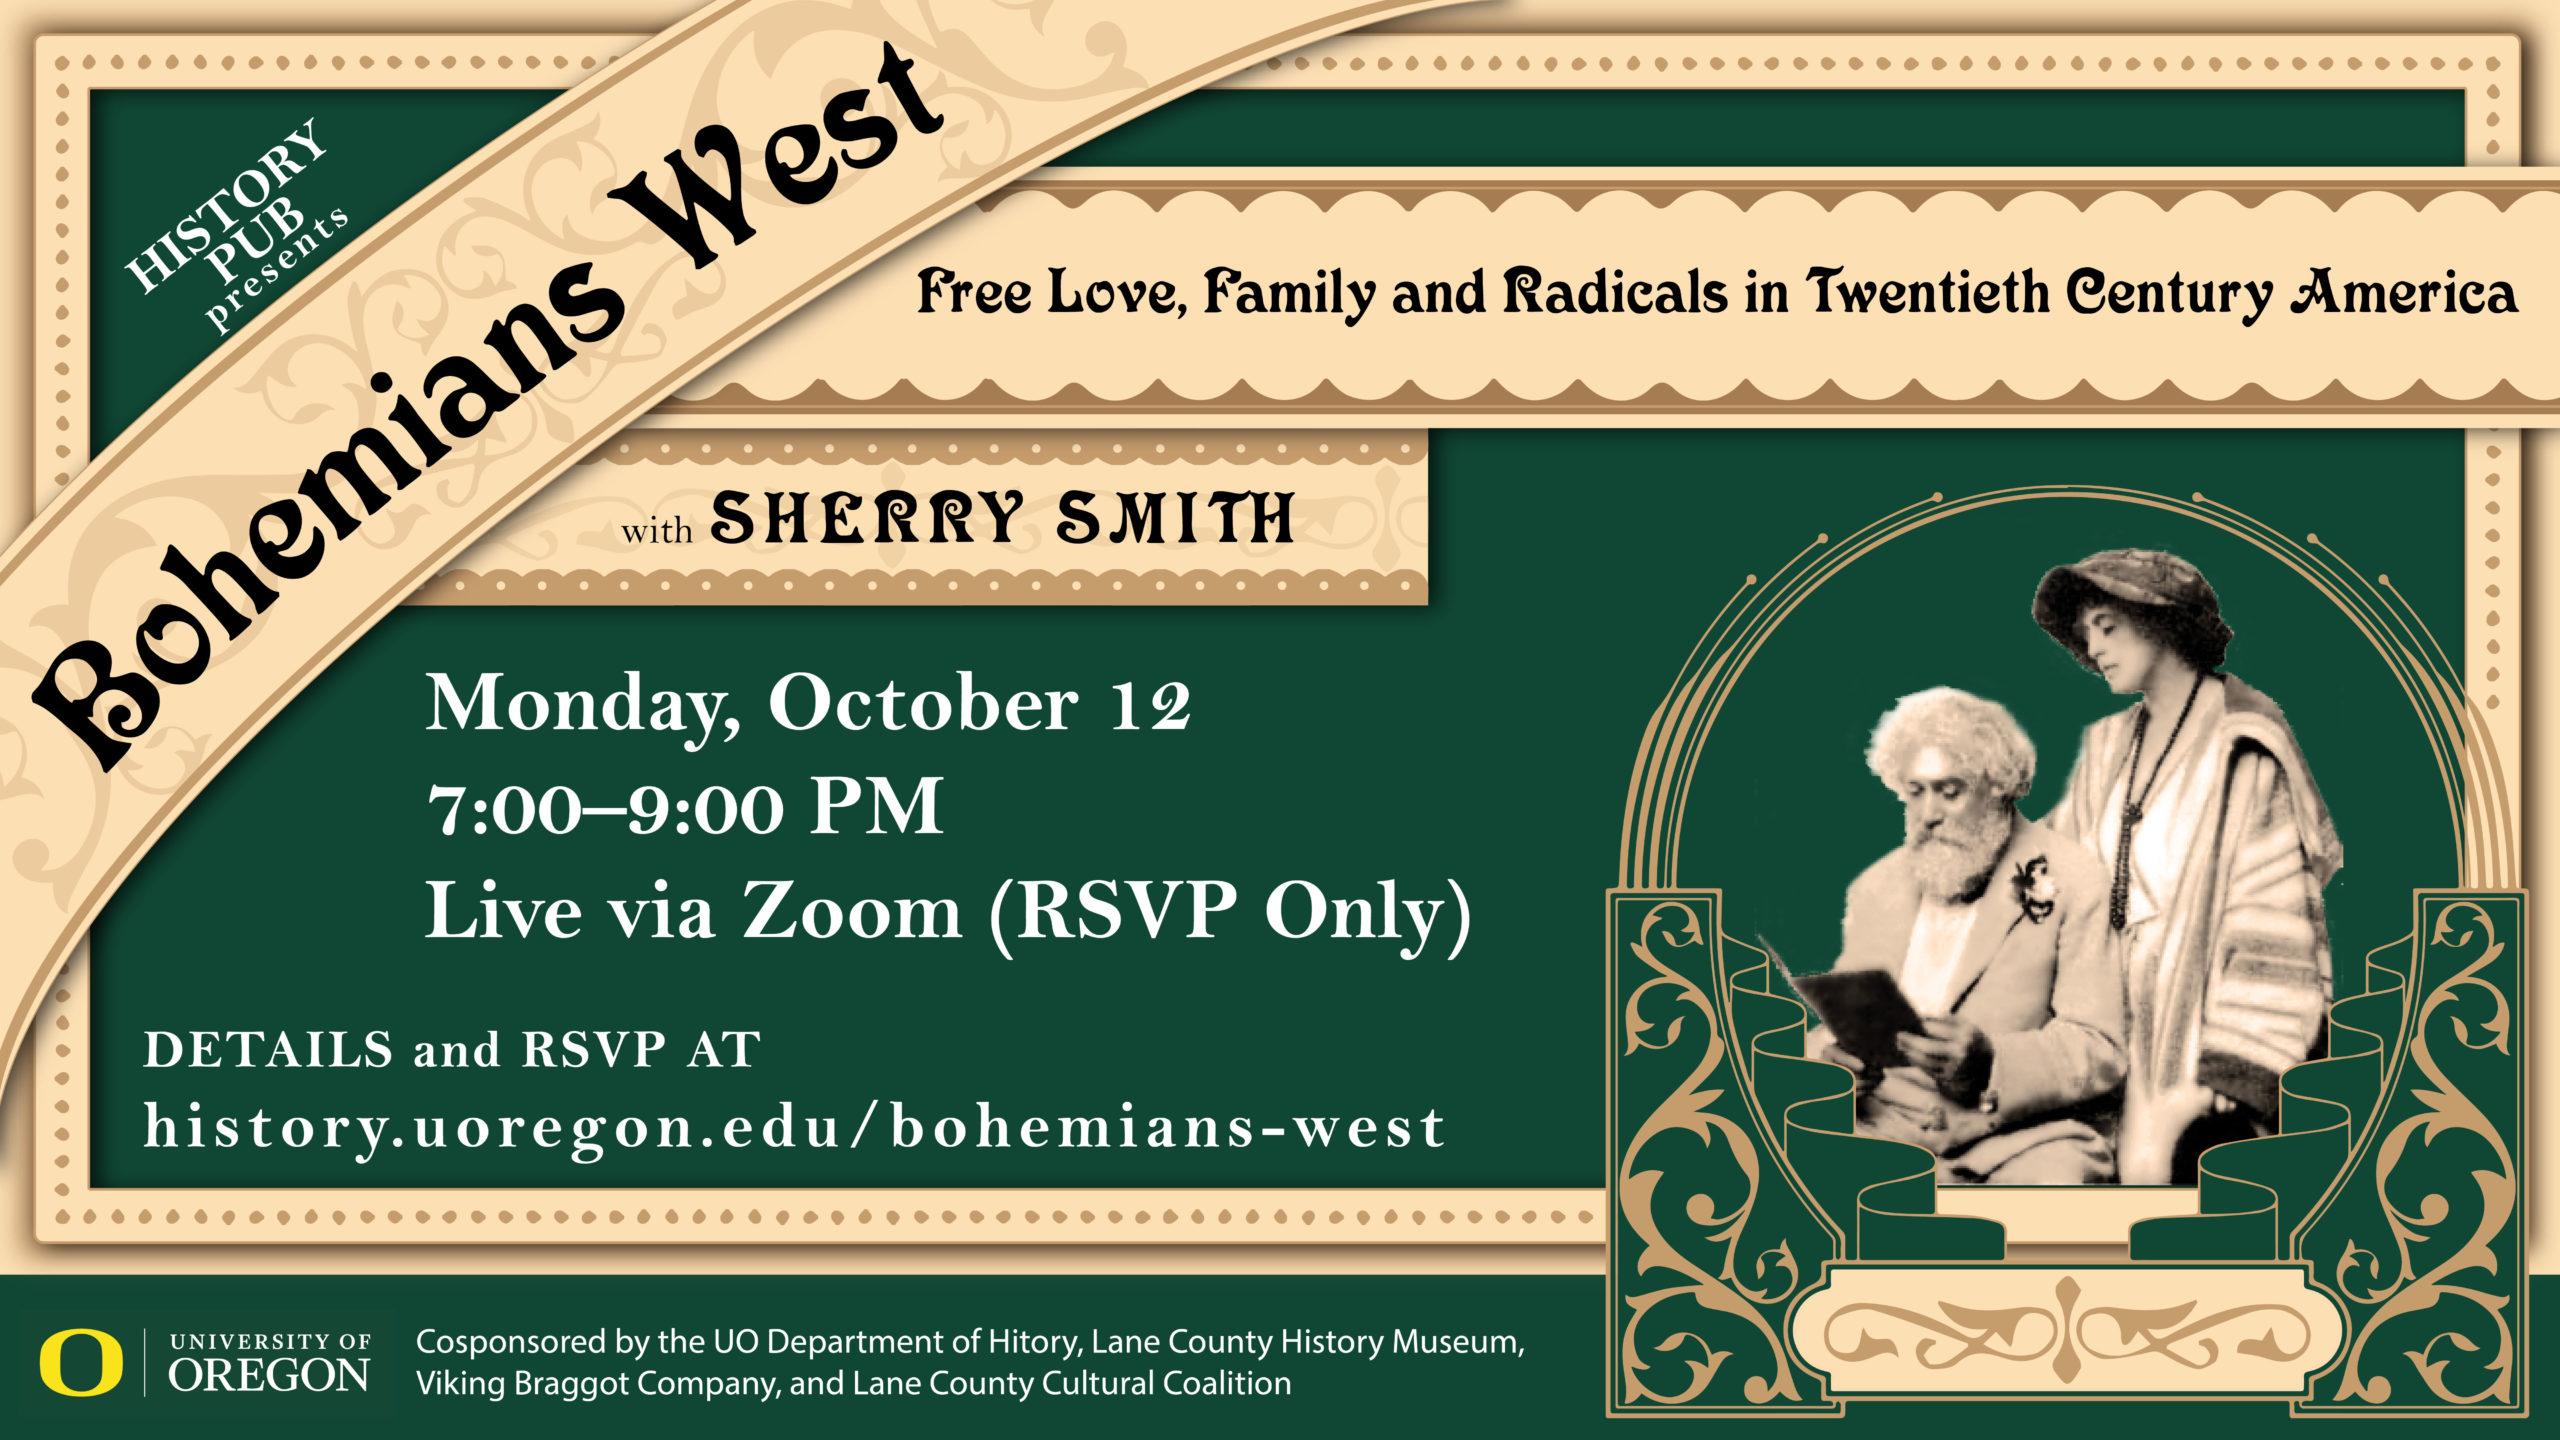 History Pub Poster: Bohemians West